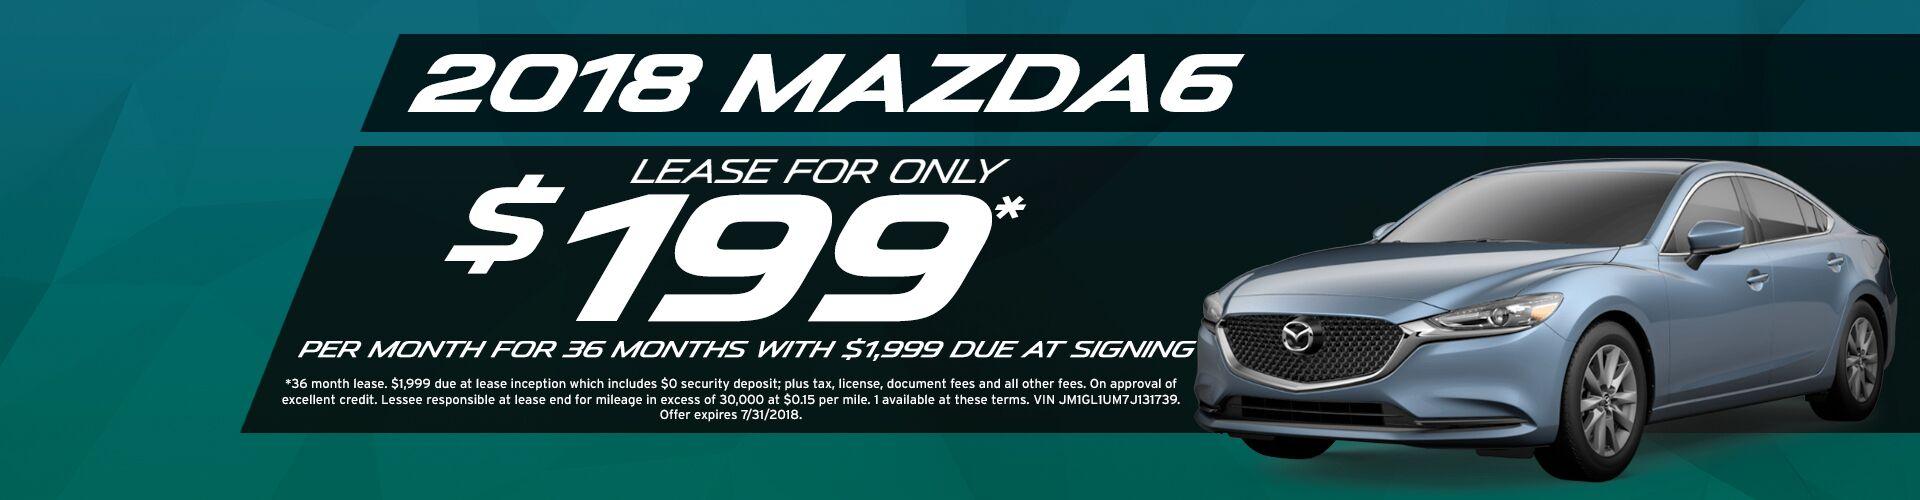 Mazda Dealership Santa Rosa CA | Used Cars Hansel Mazda